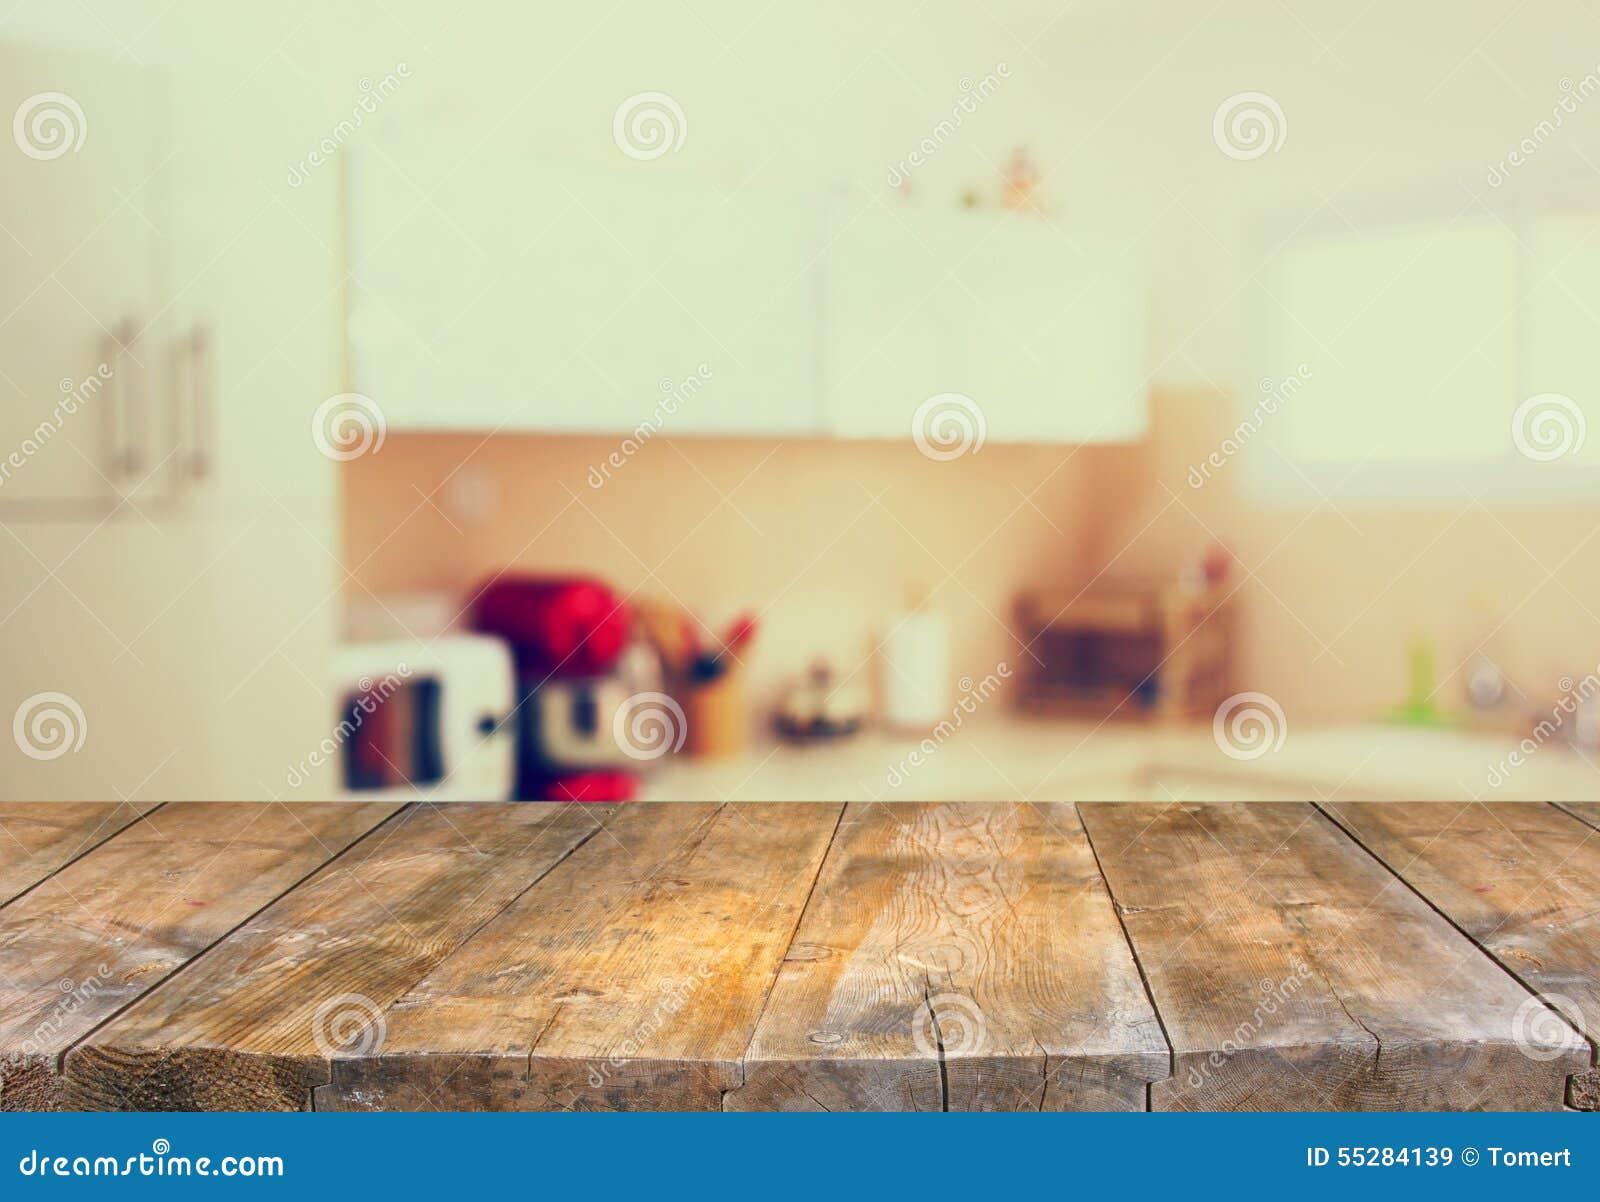 Tablero de tabla vacío y fondo retro blanco defocused de la cocina